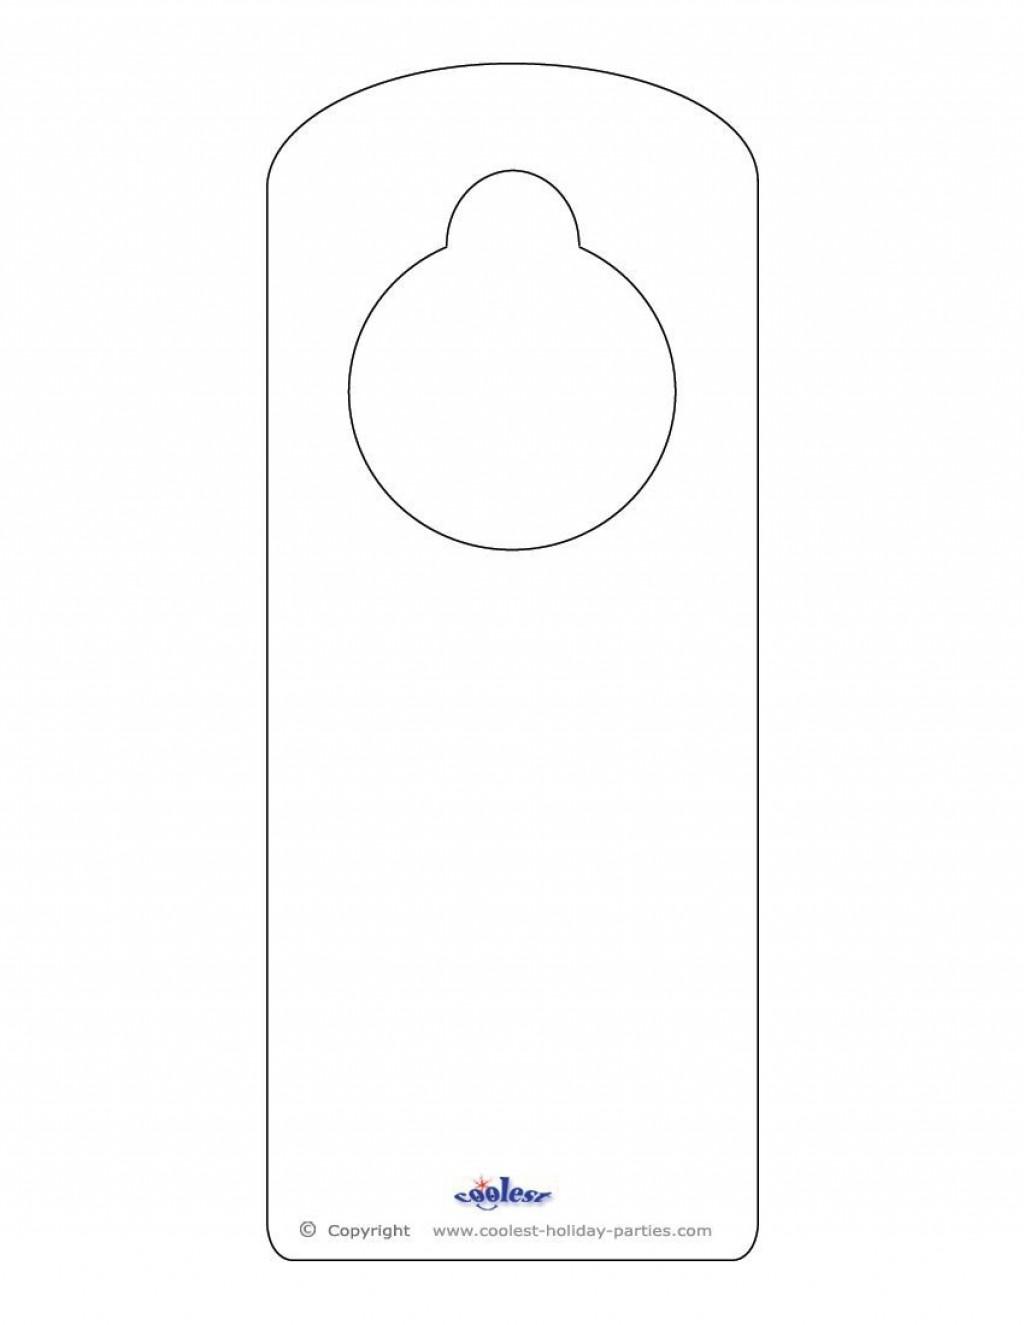 002 Remarkable Free Online Door Hanger Template Example  TemplatesLarge